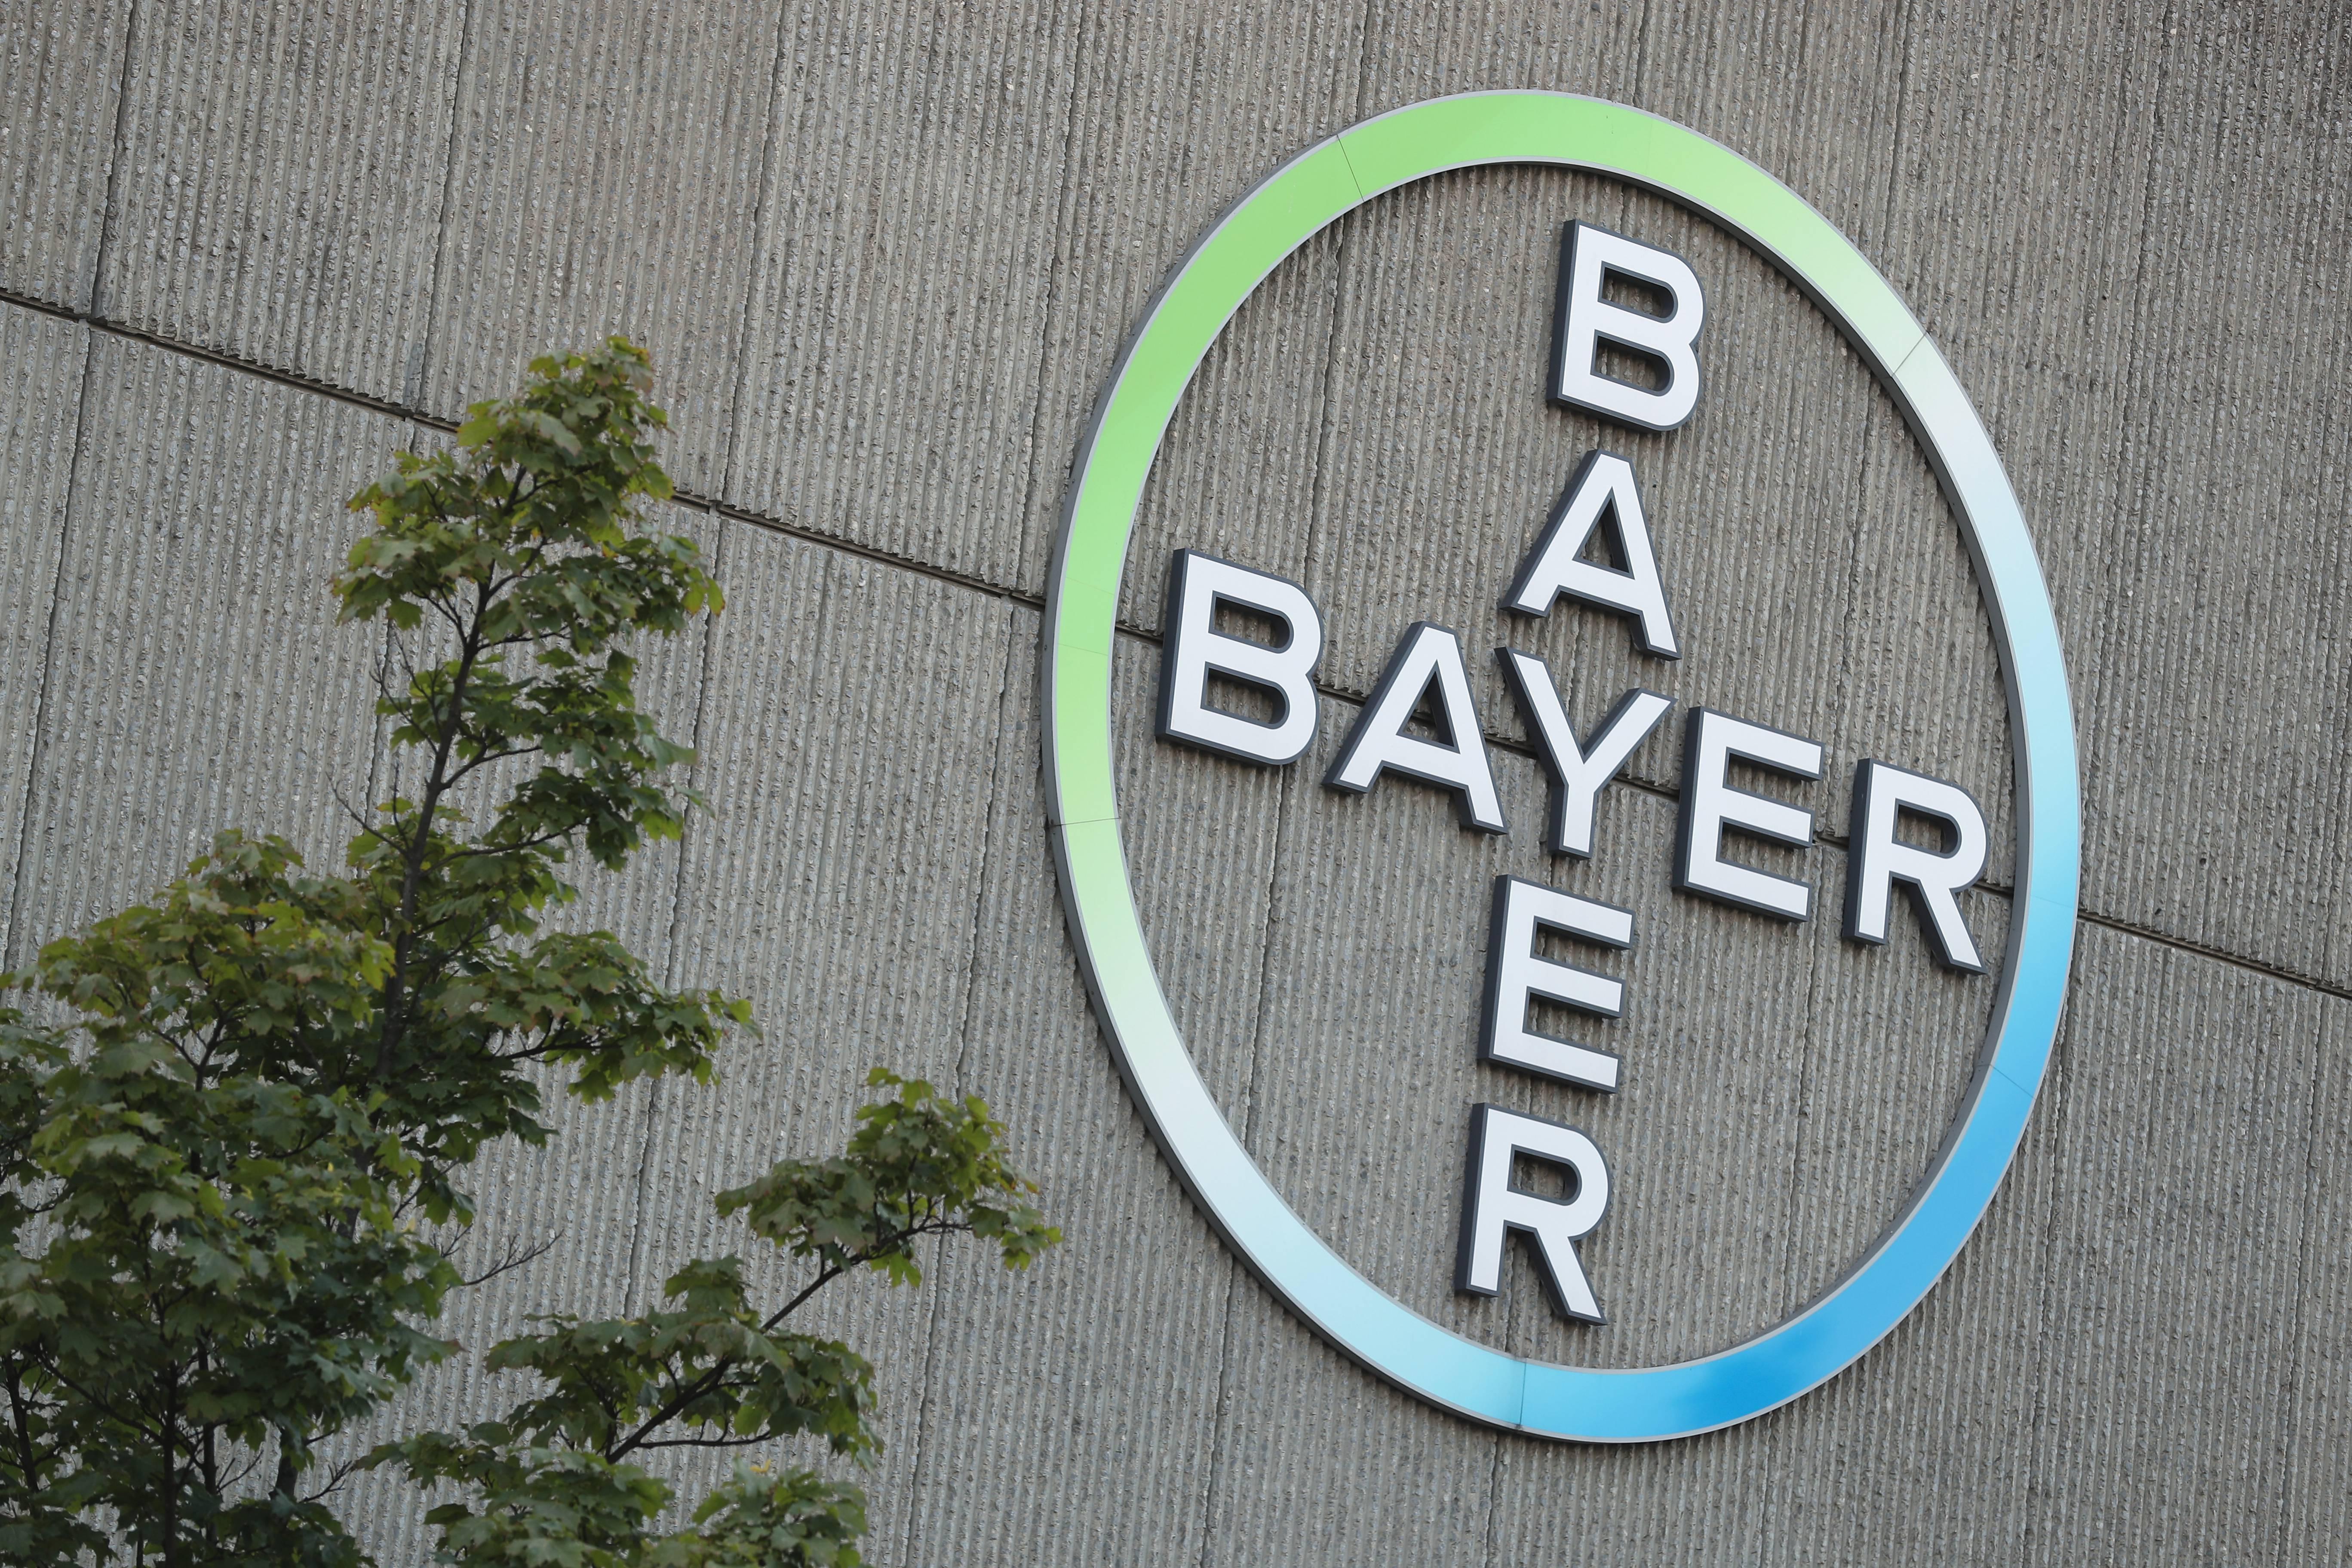 Bayer Buys Monsanto